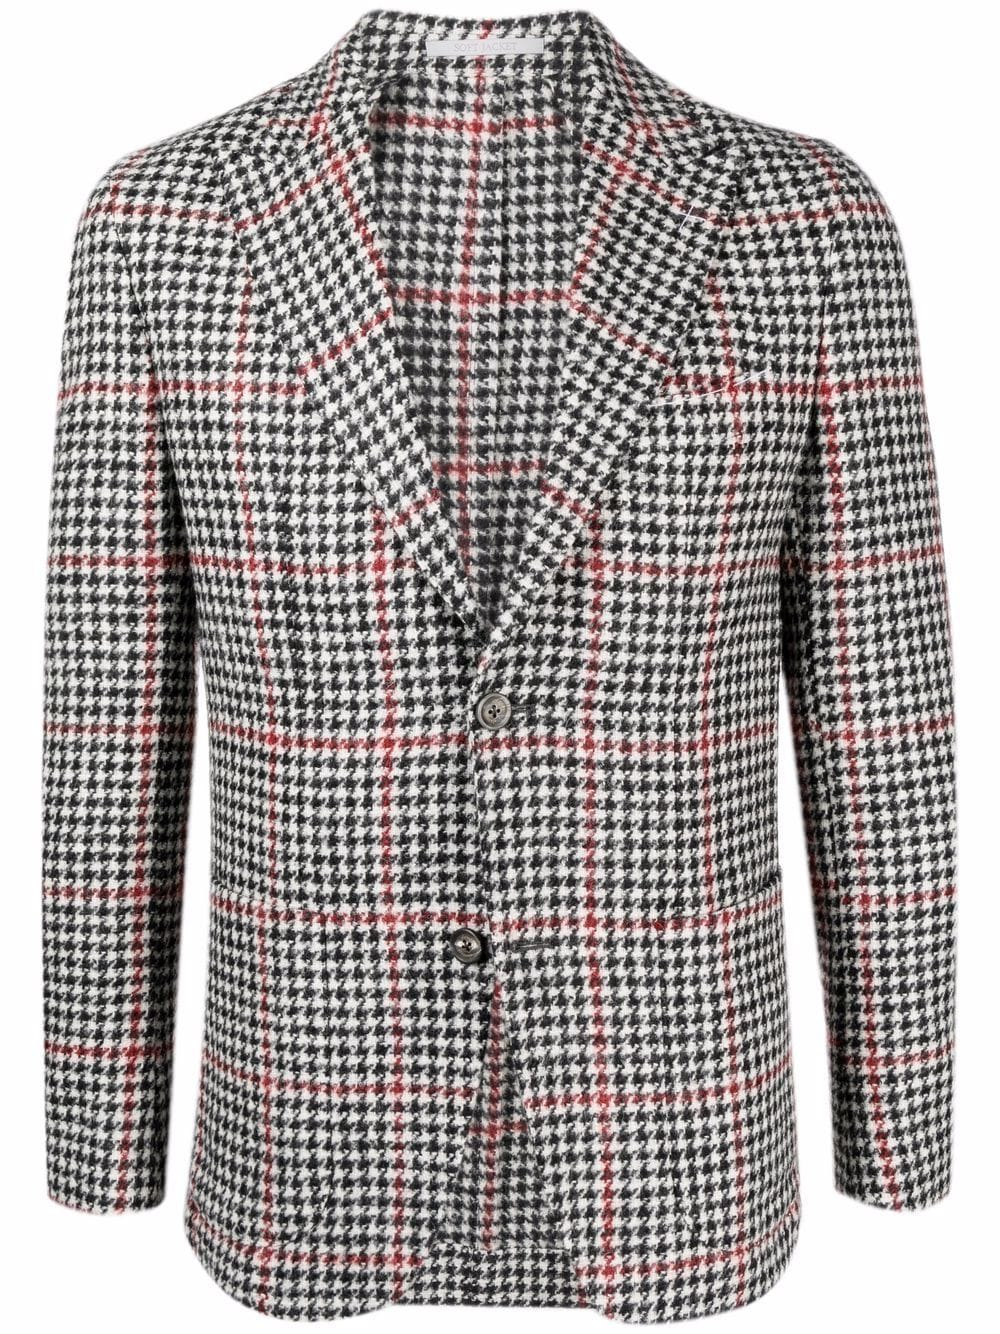 Blazer monopetto in lana pied de poule nero, bianco e rosso ELEVENTY | Giacche | D75GIAC12-TES0D06718